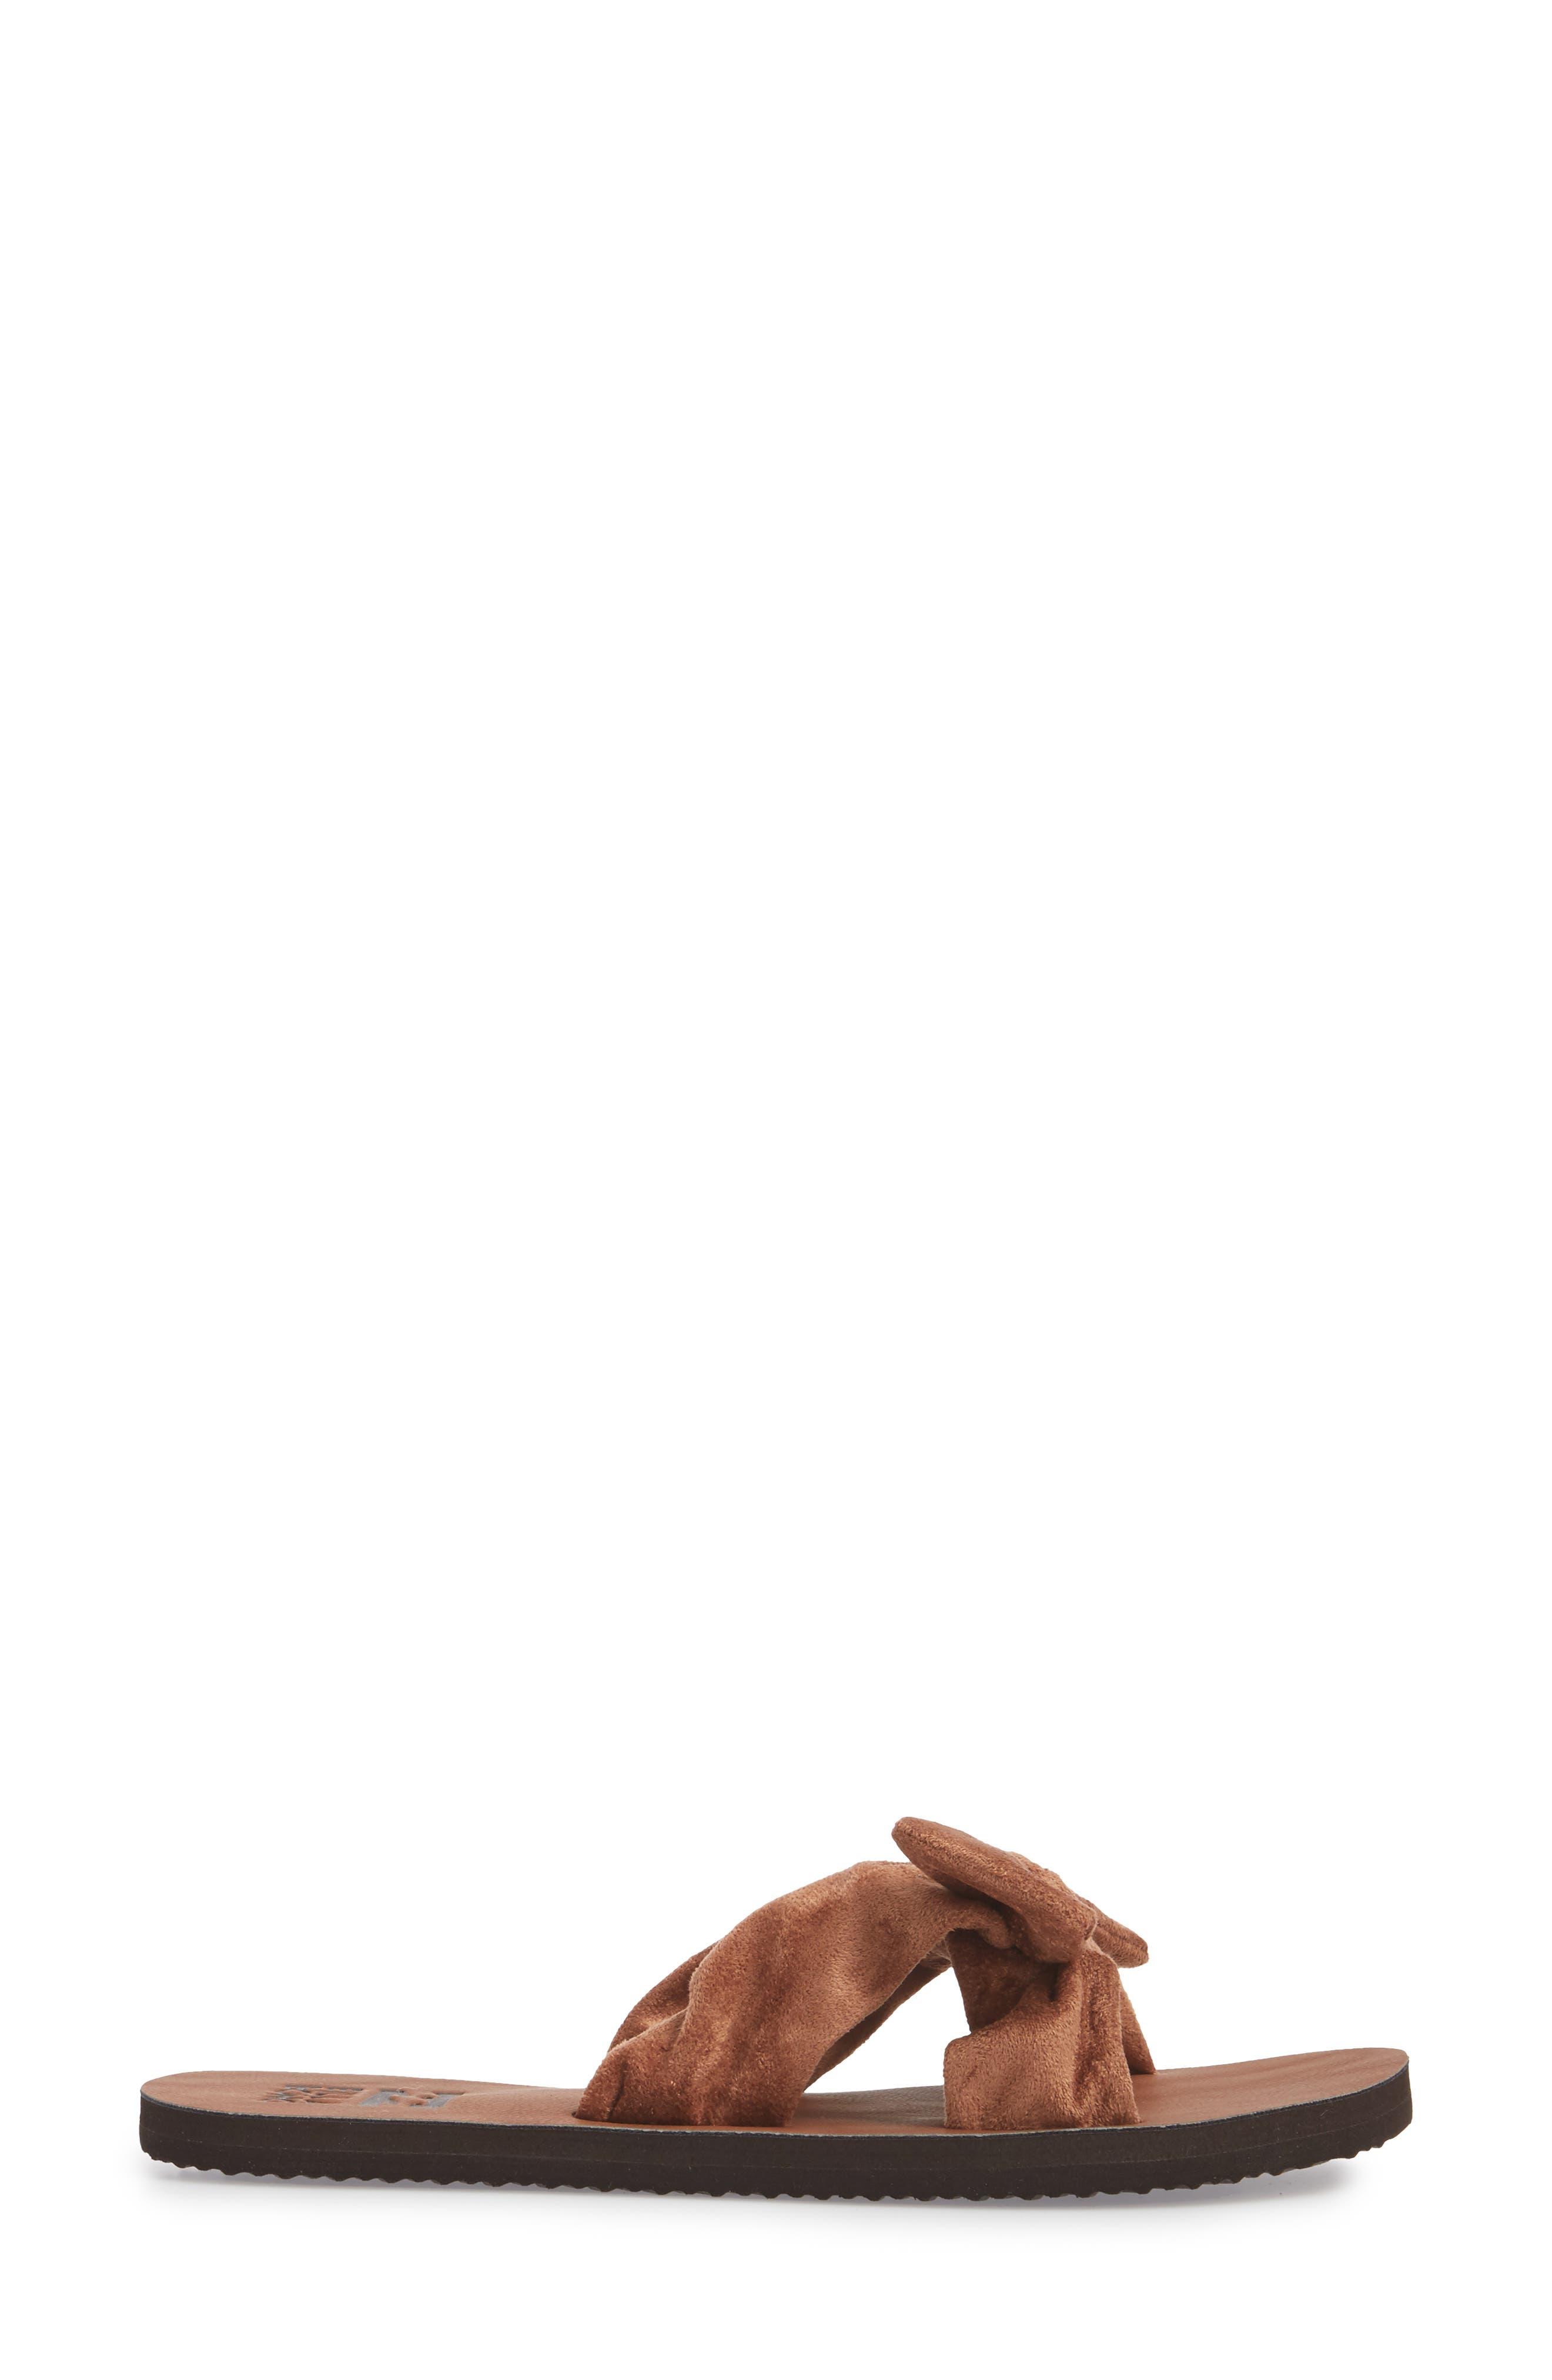 Tied-Up Slide Sandal,                             Alternate thumbnail 3, color,                             Desert Brown